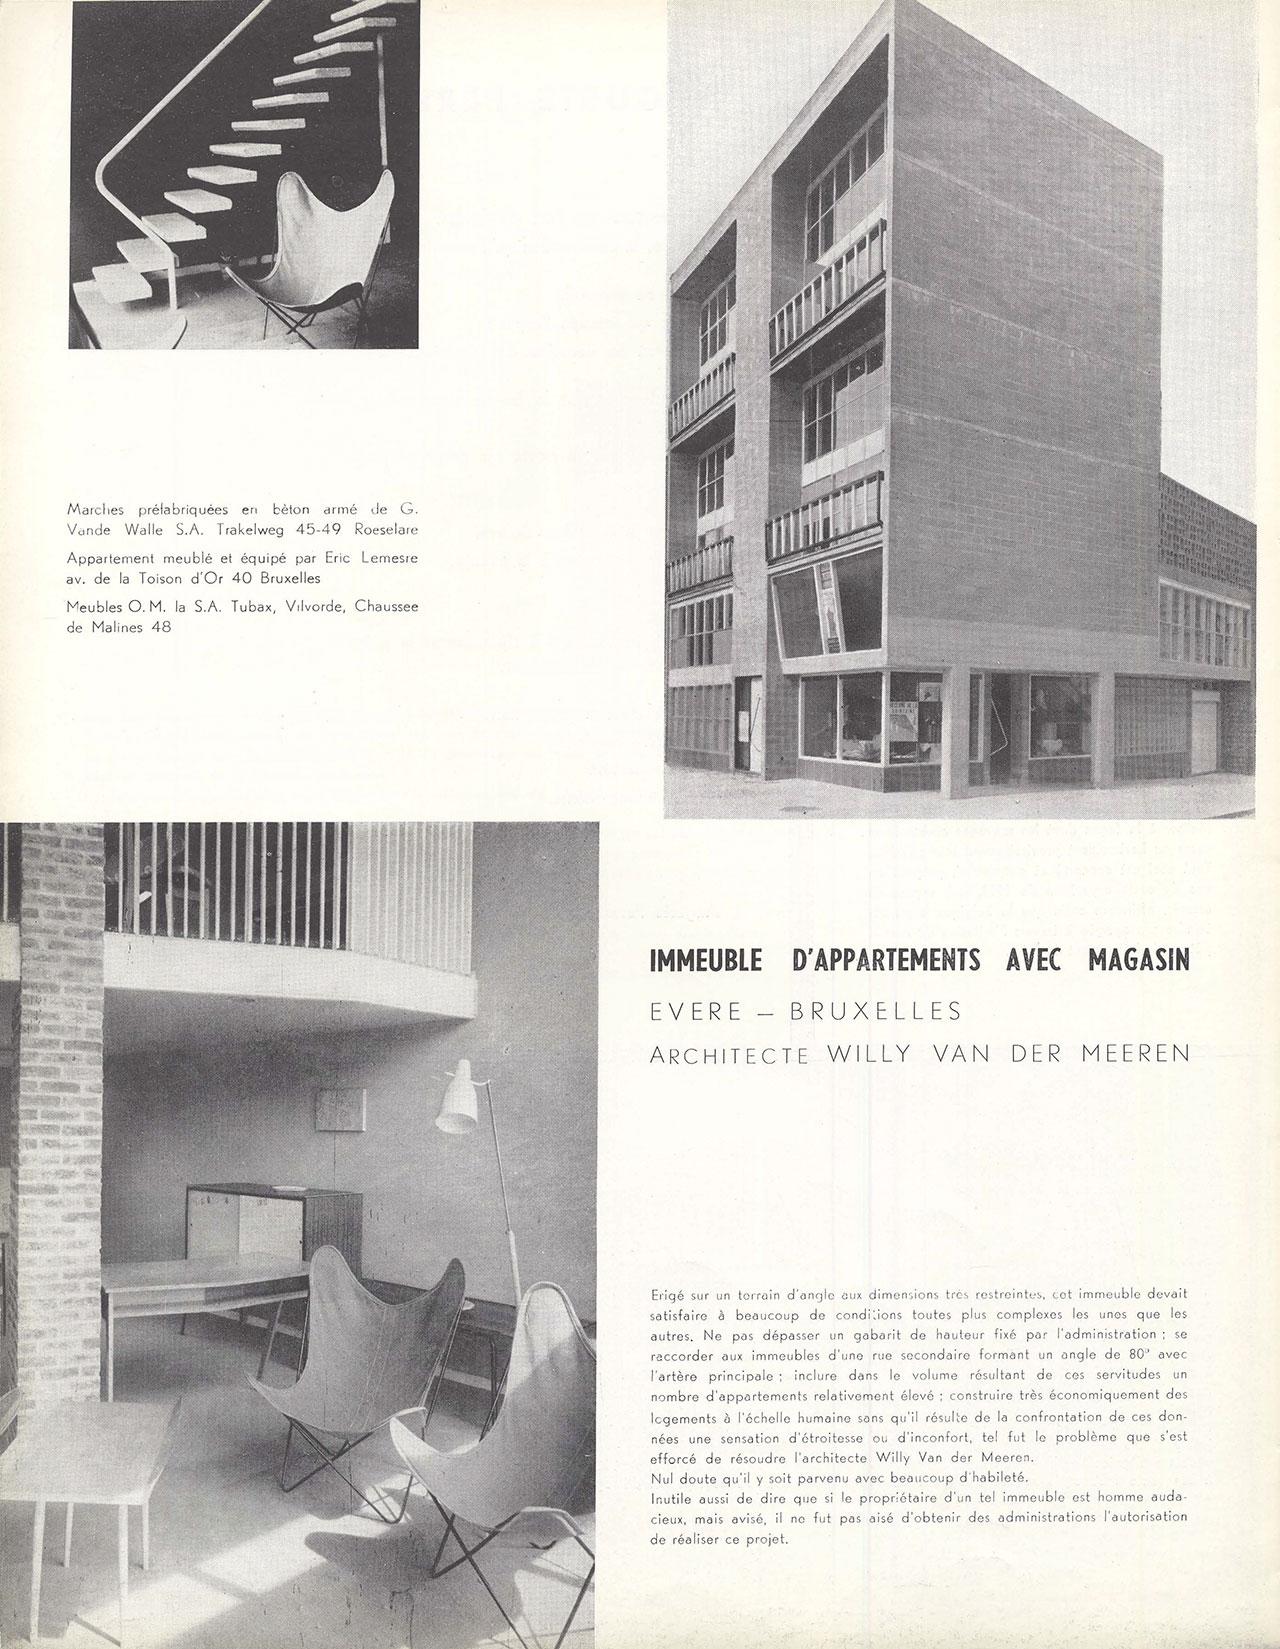 Immeuble d'appartements avec magasin